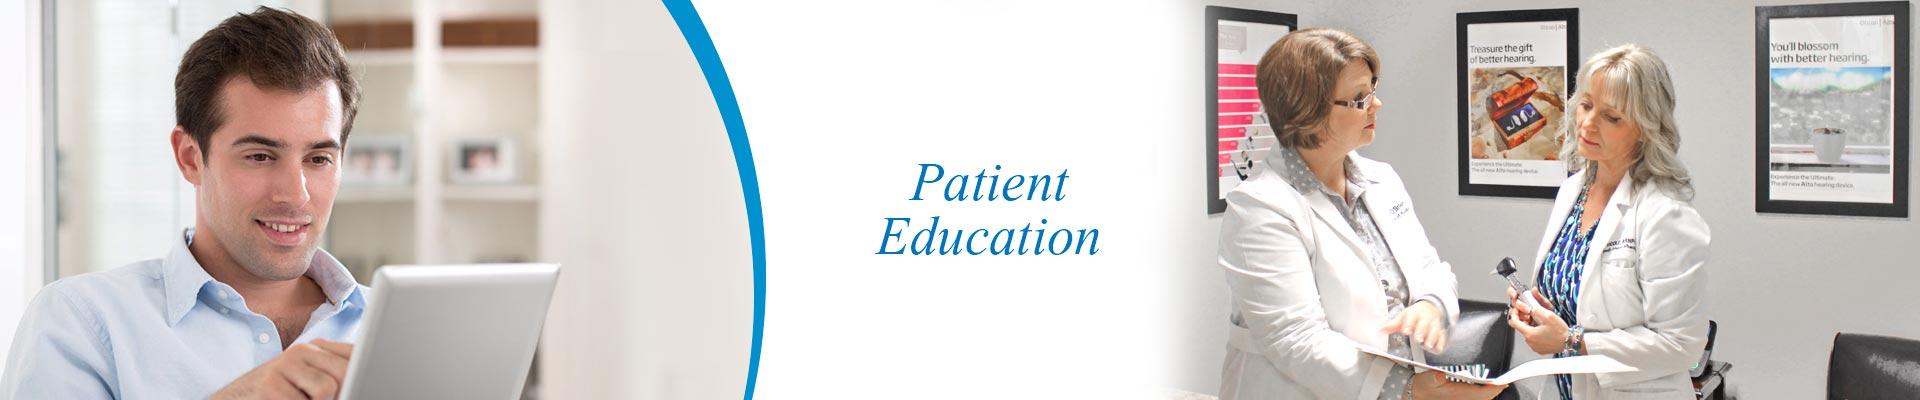 Patient Education - Associated Coastal ENT